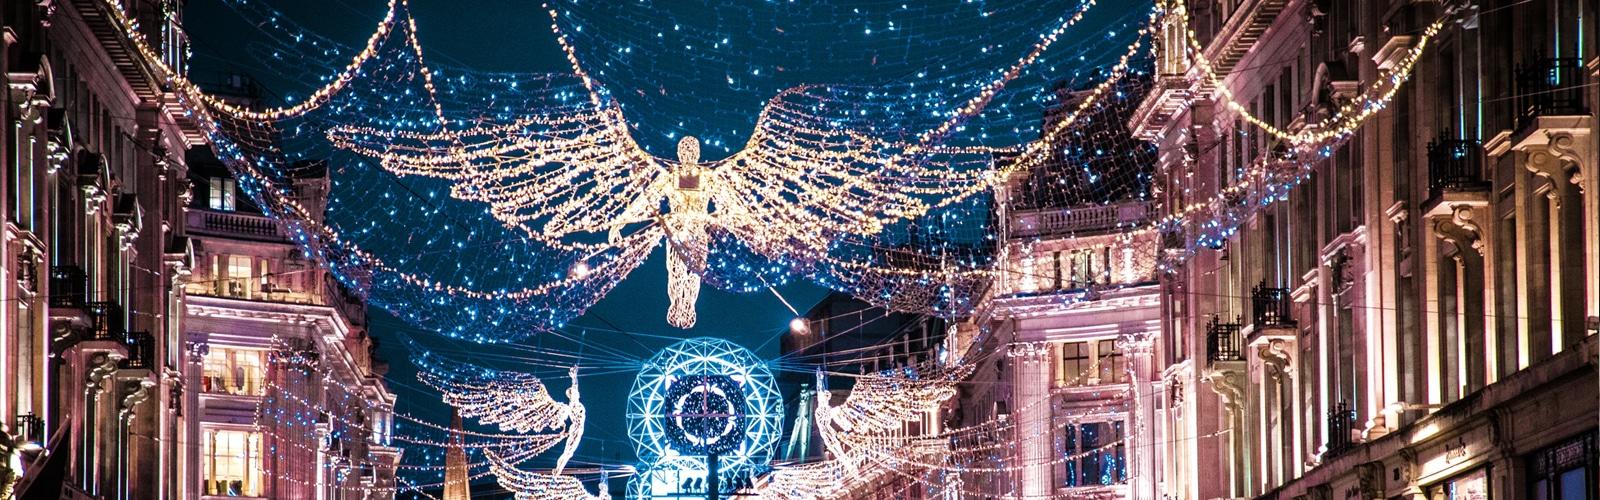 Les marchés de Noël à visiter  avant la fin des vacances !